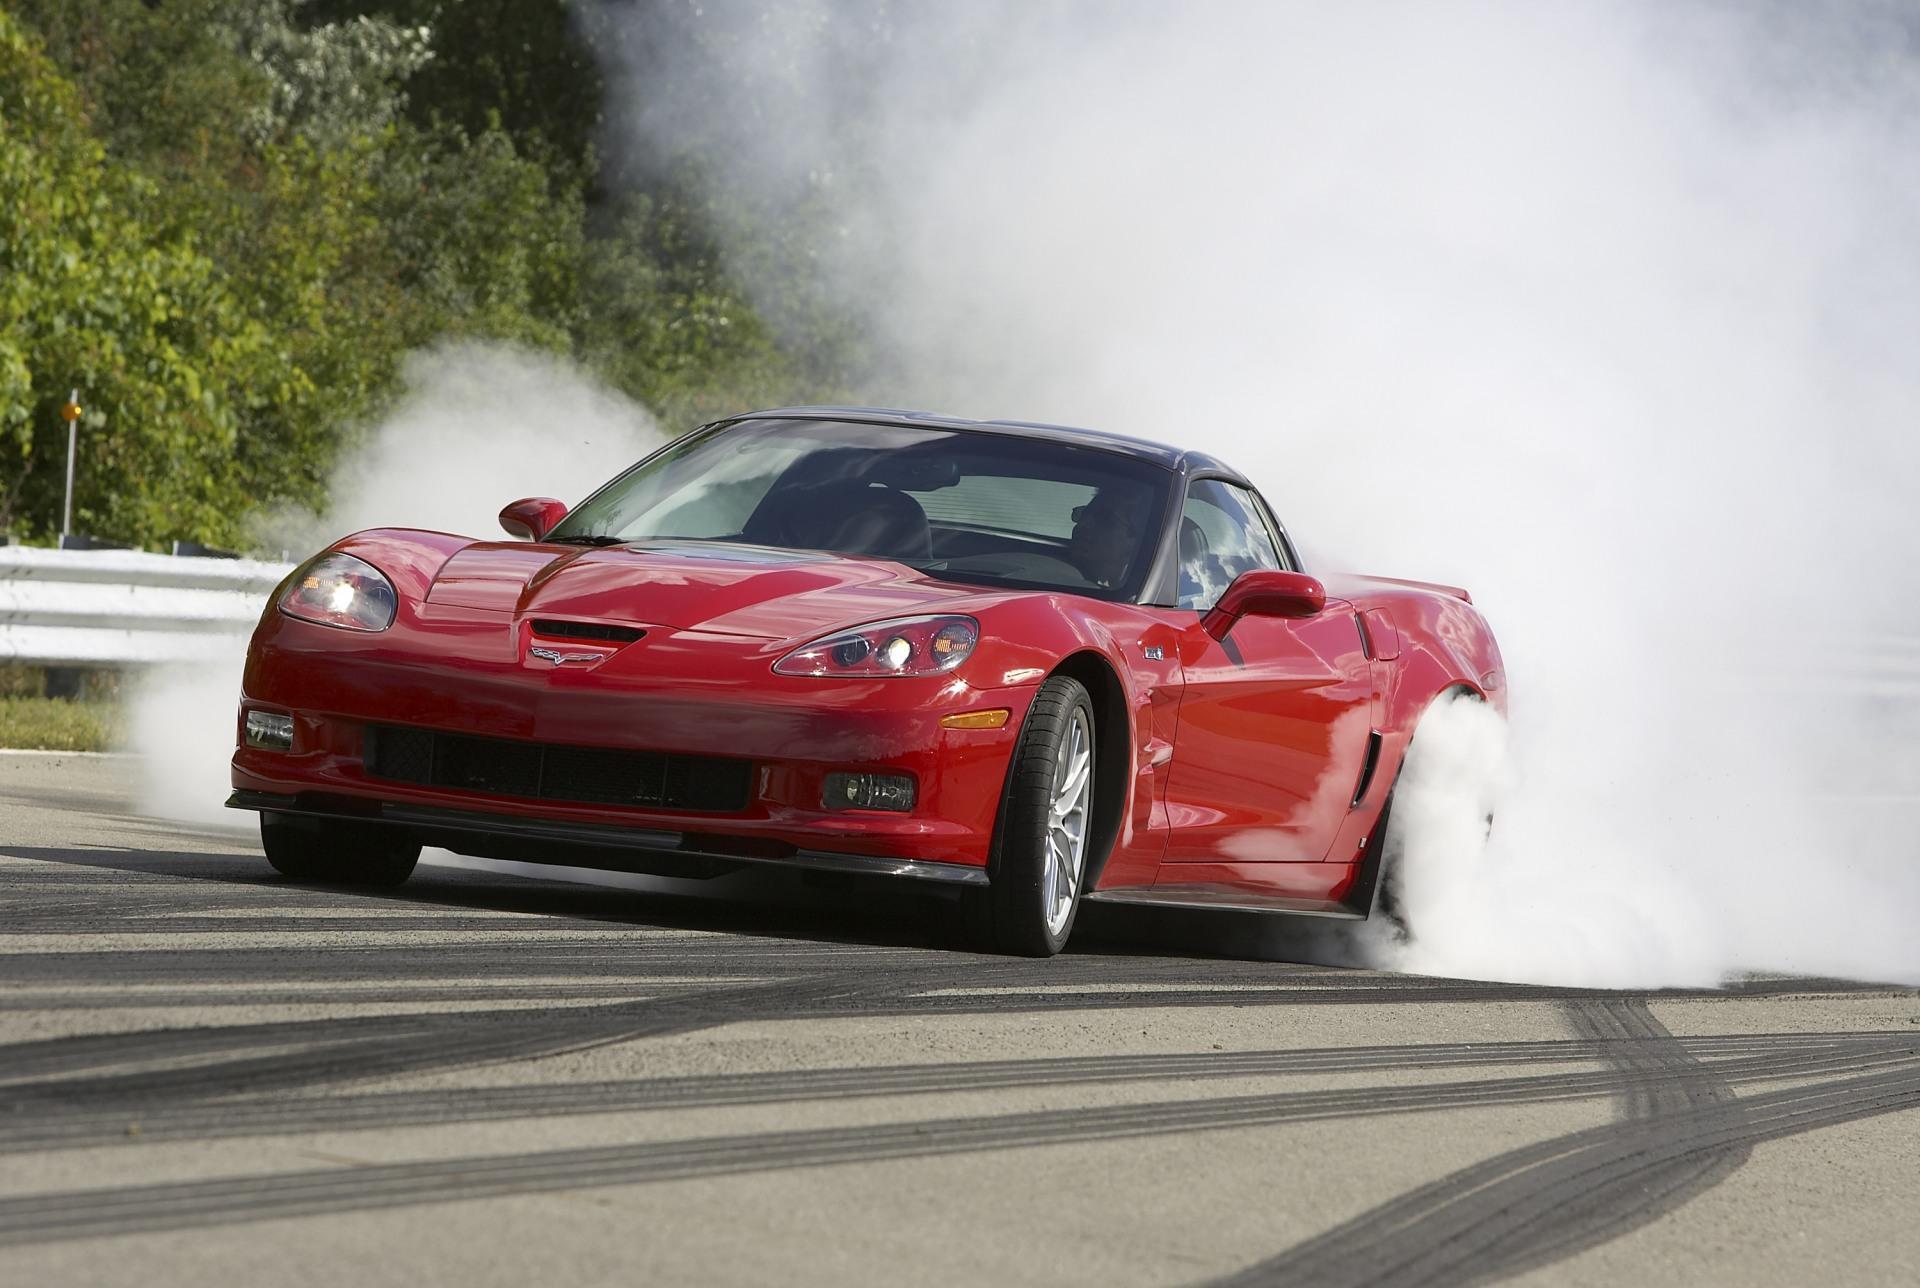 2011 chevrolet corvette zr1 - conceptcarz